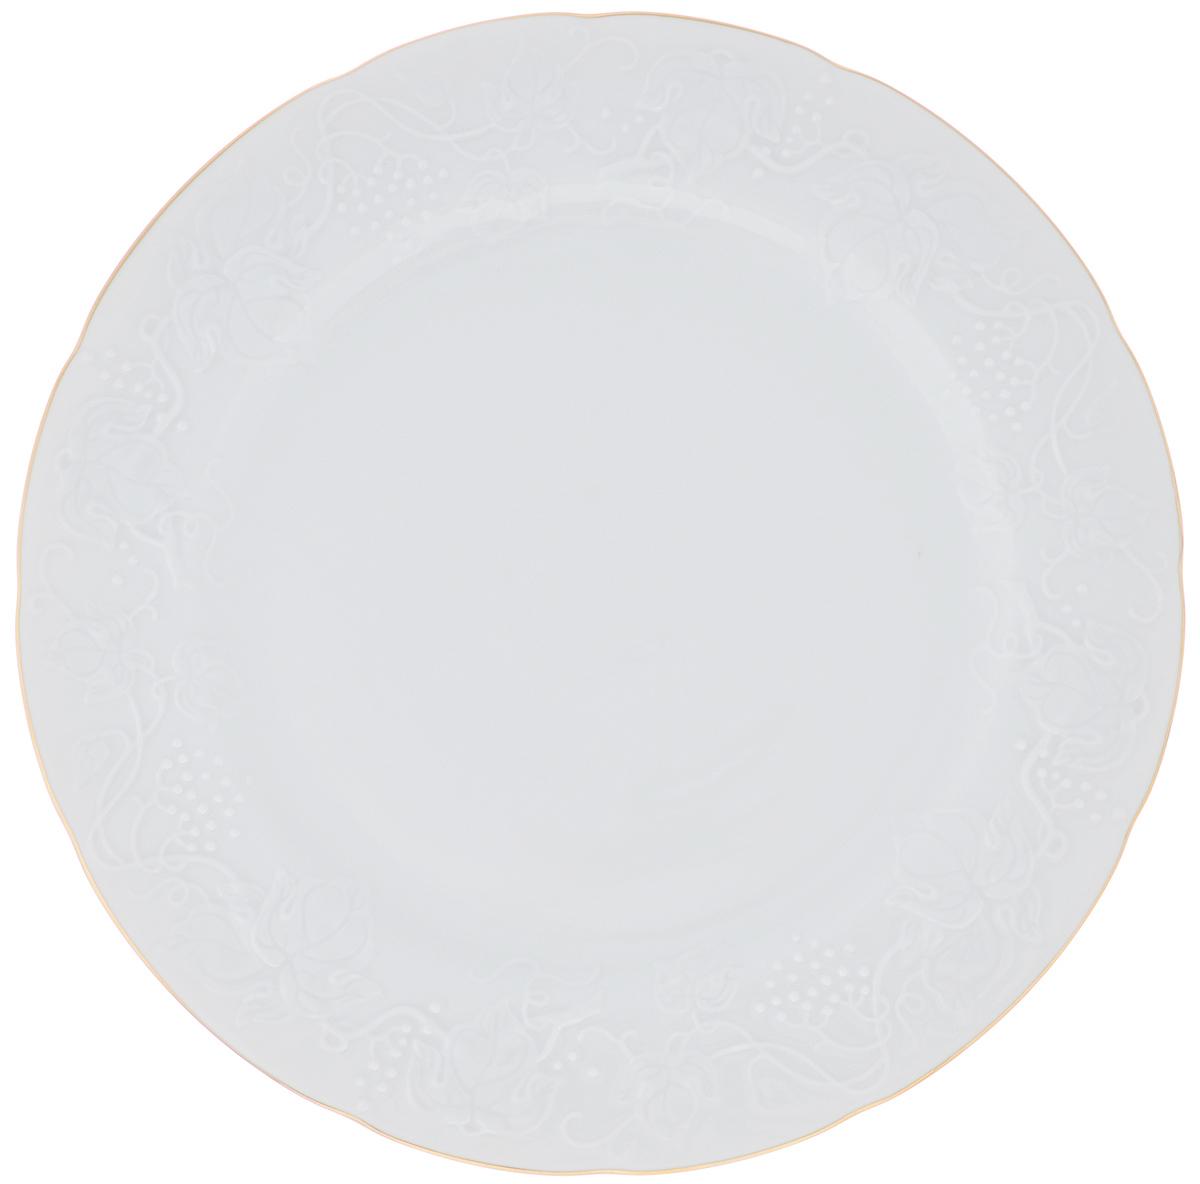 Блюдо La Rose Des Sables Vendanges, цвет: белый, золотистый, диаметр 31 см6906321009Блюдо La Rose Des Sables Vendanges, изготовленное из качественного фарфора, декорировано рельефным изображением цветов. Оно отлично подойдет для красивой сервировки различных блюд. Такое блюдо придется по вкусу и ценителям классики, и тем, кто предпочитает утонченность и изысканность.Диаметр: 31 см.Высота: 2,5 см.